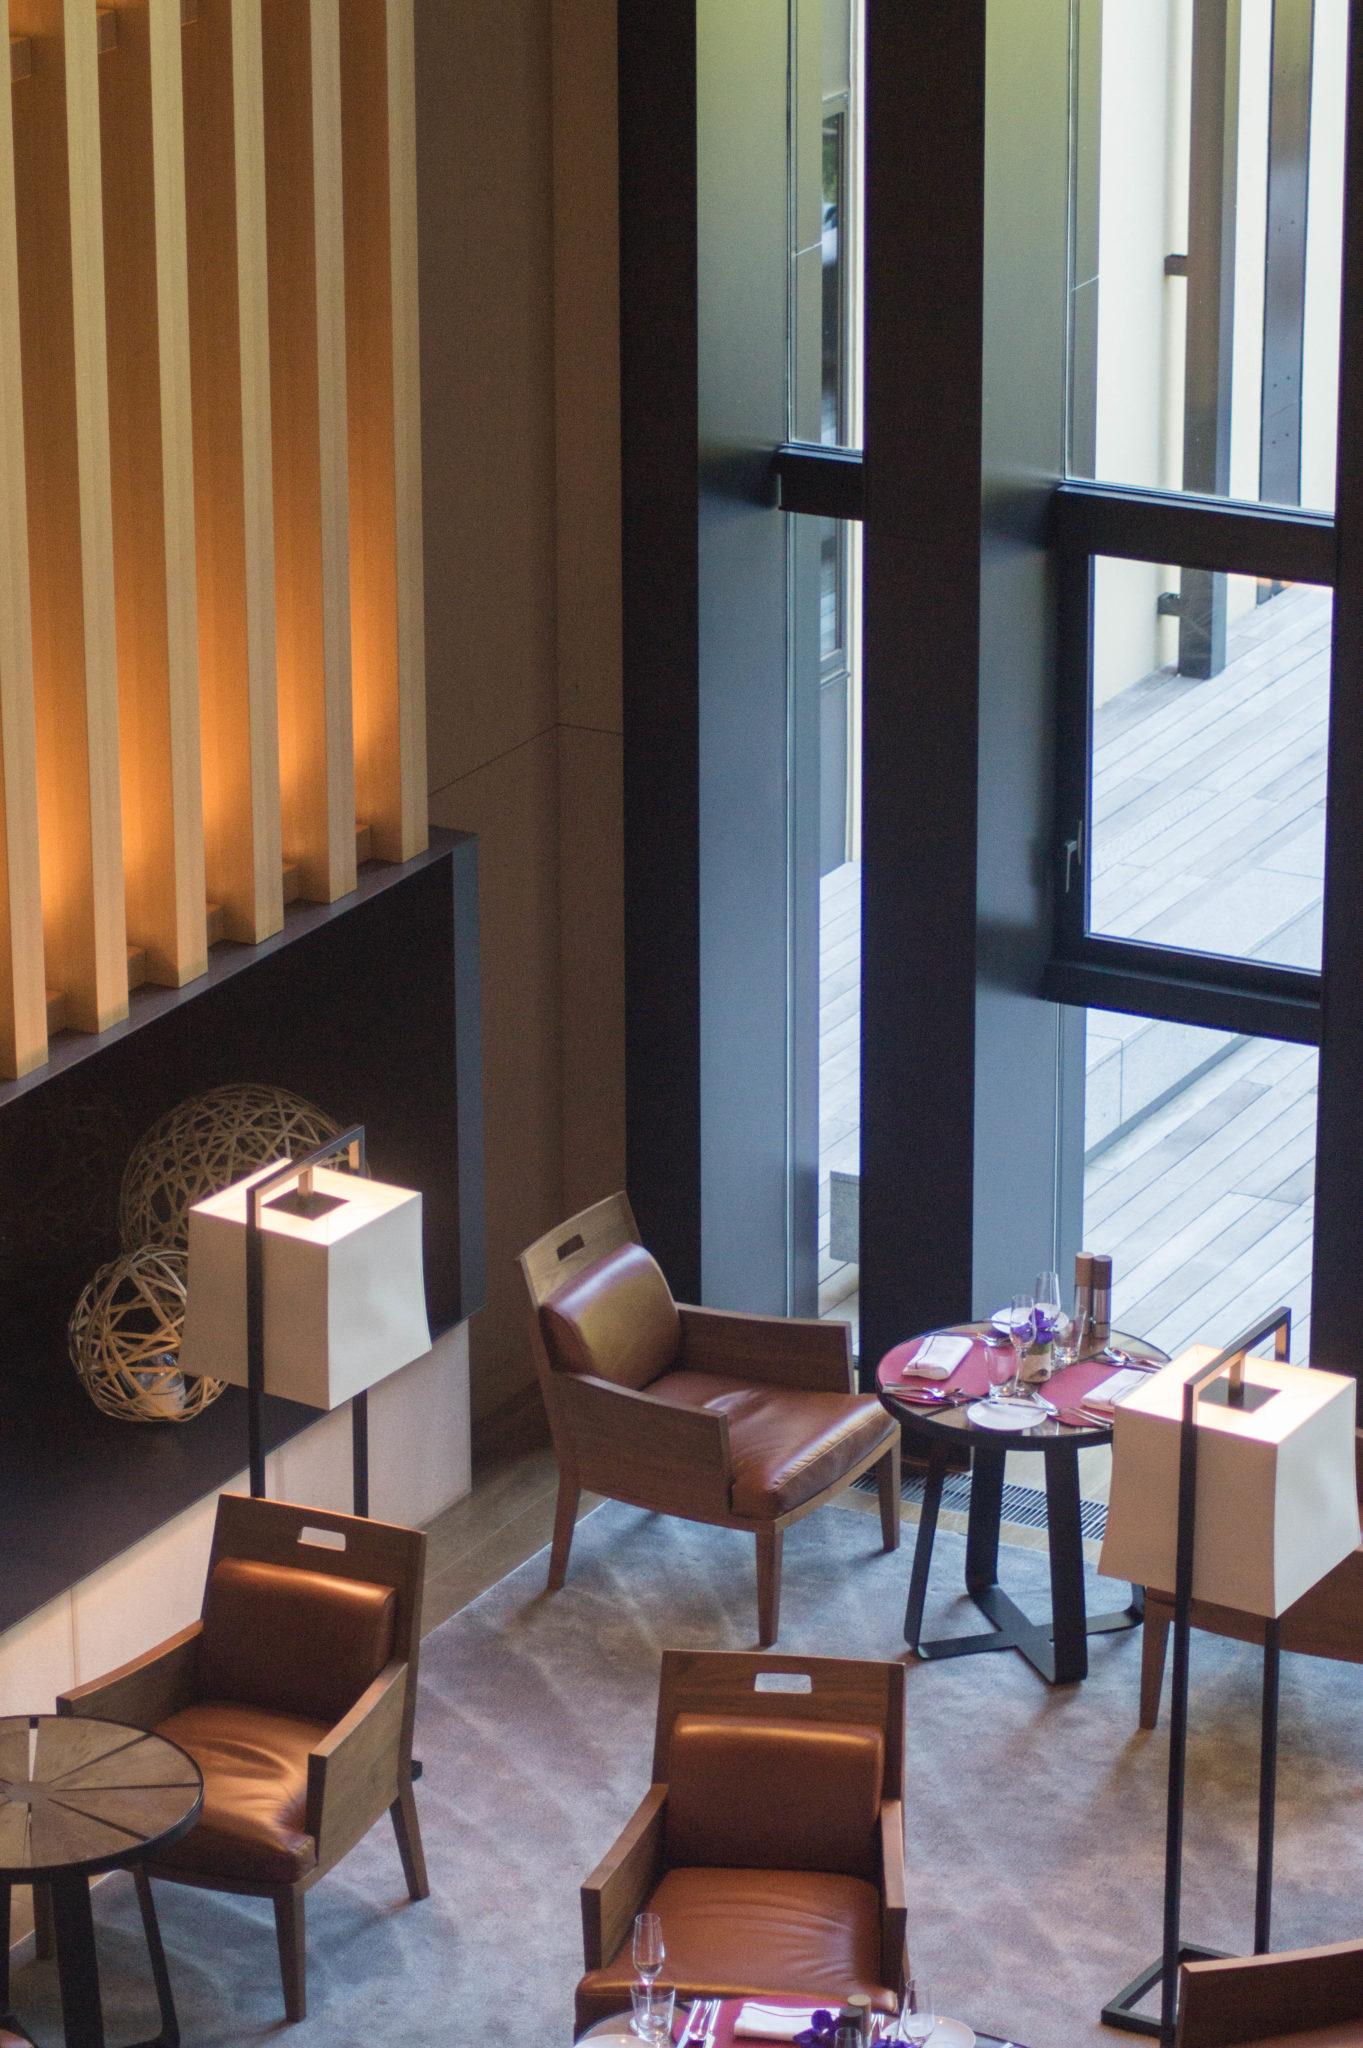 Das Four Seasons Hotel in Kyoto: hübsch, aber eine teure Übernachtung in Kyoto